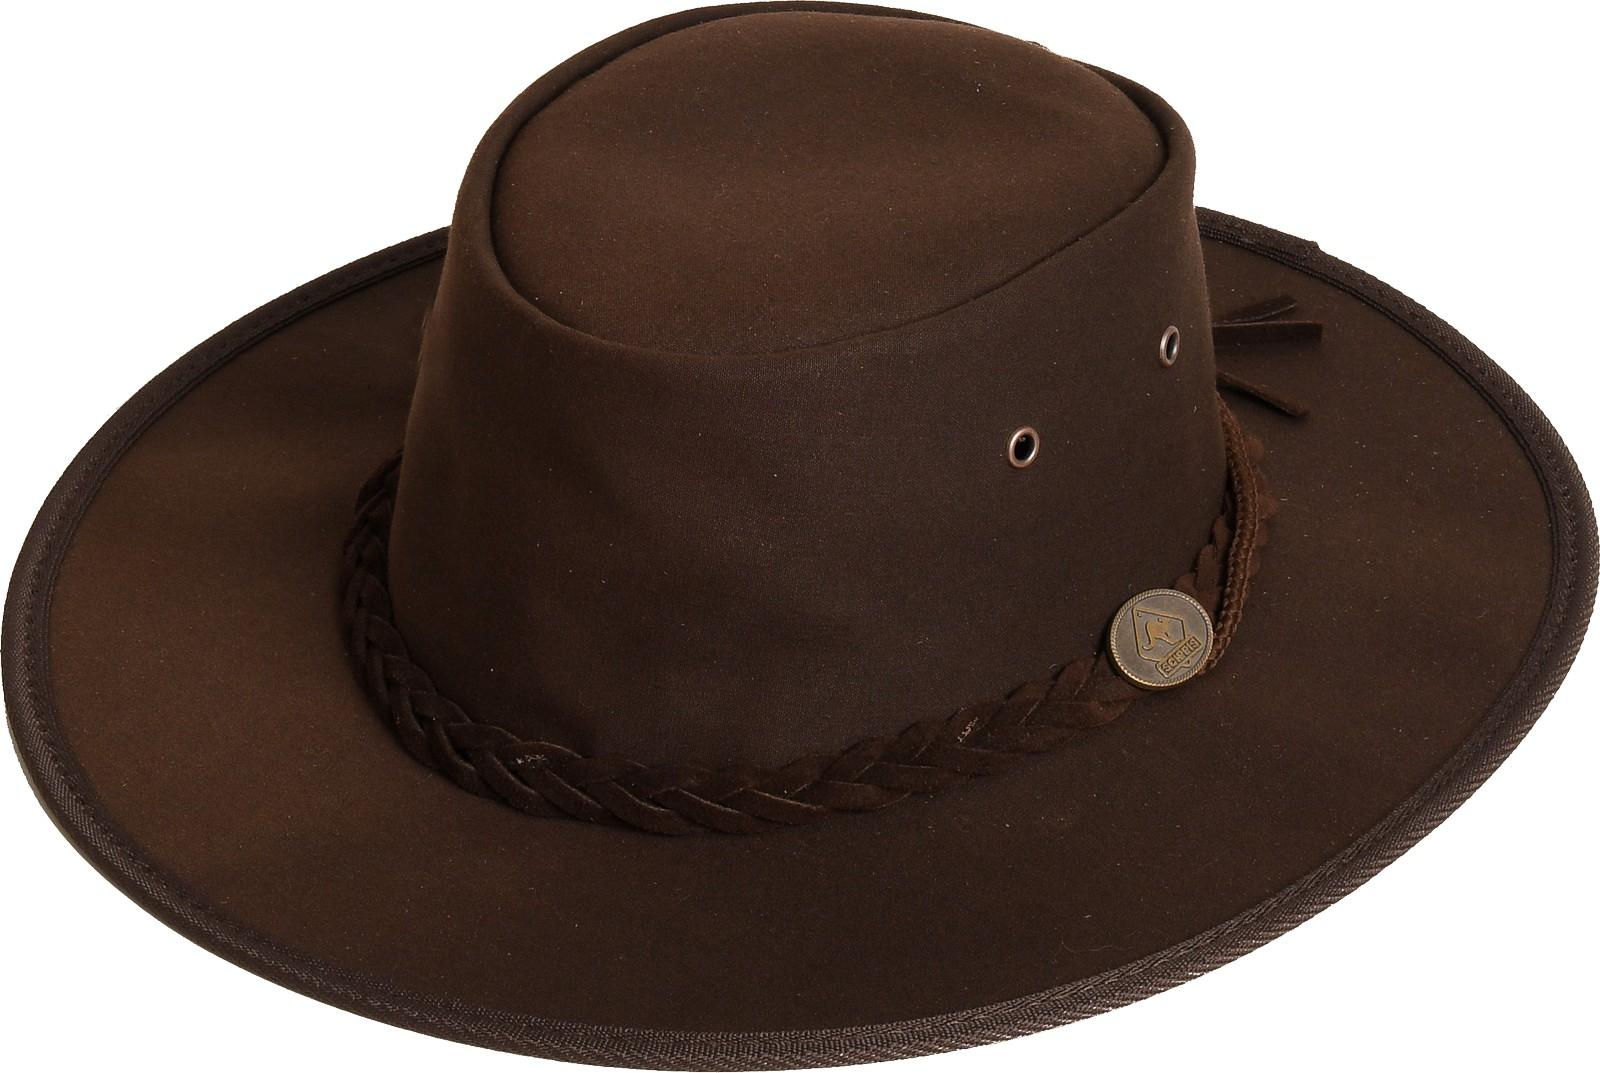 Scippis Oilskin-Hut Westernhut Cowboyhut »Gibson« Brown Braun